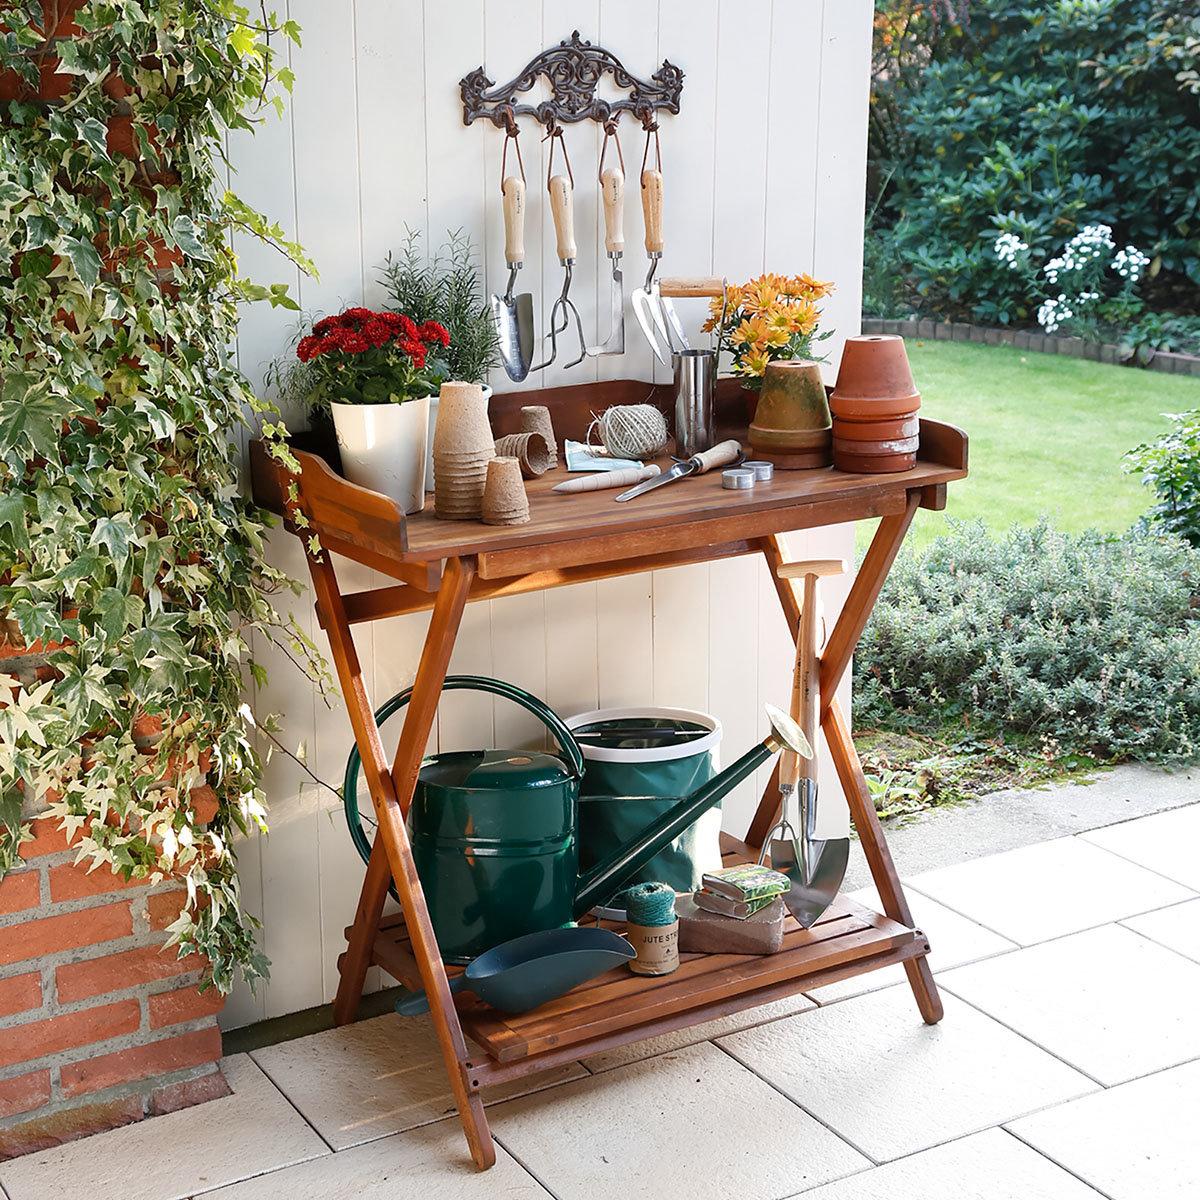 pflanz arbeitstisch klappbar online kaufen bei g rtner p tschke. Black Bedroom Furniture Sets. Home Design Ideas